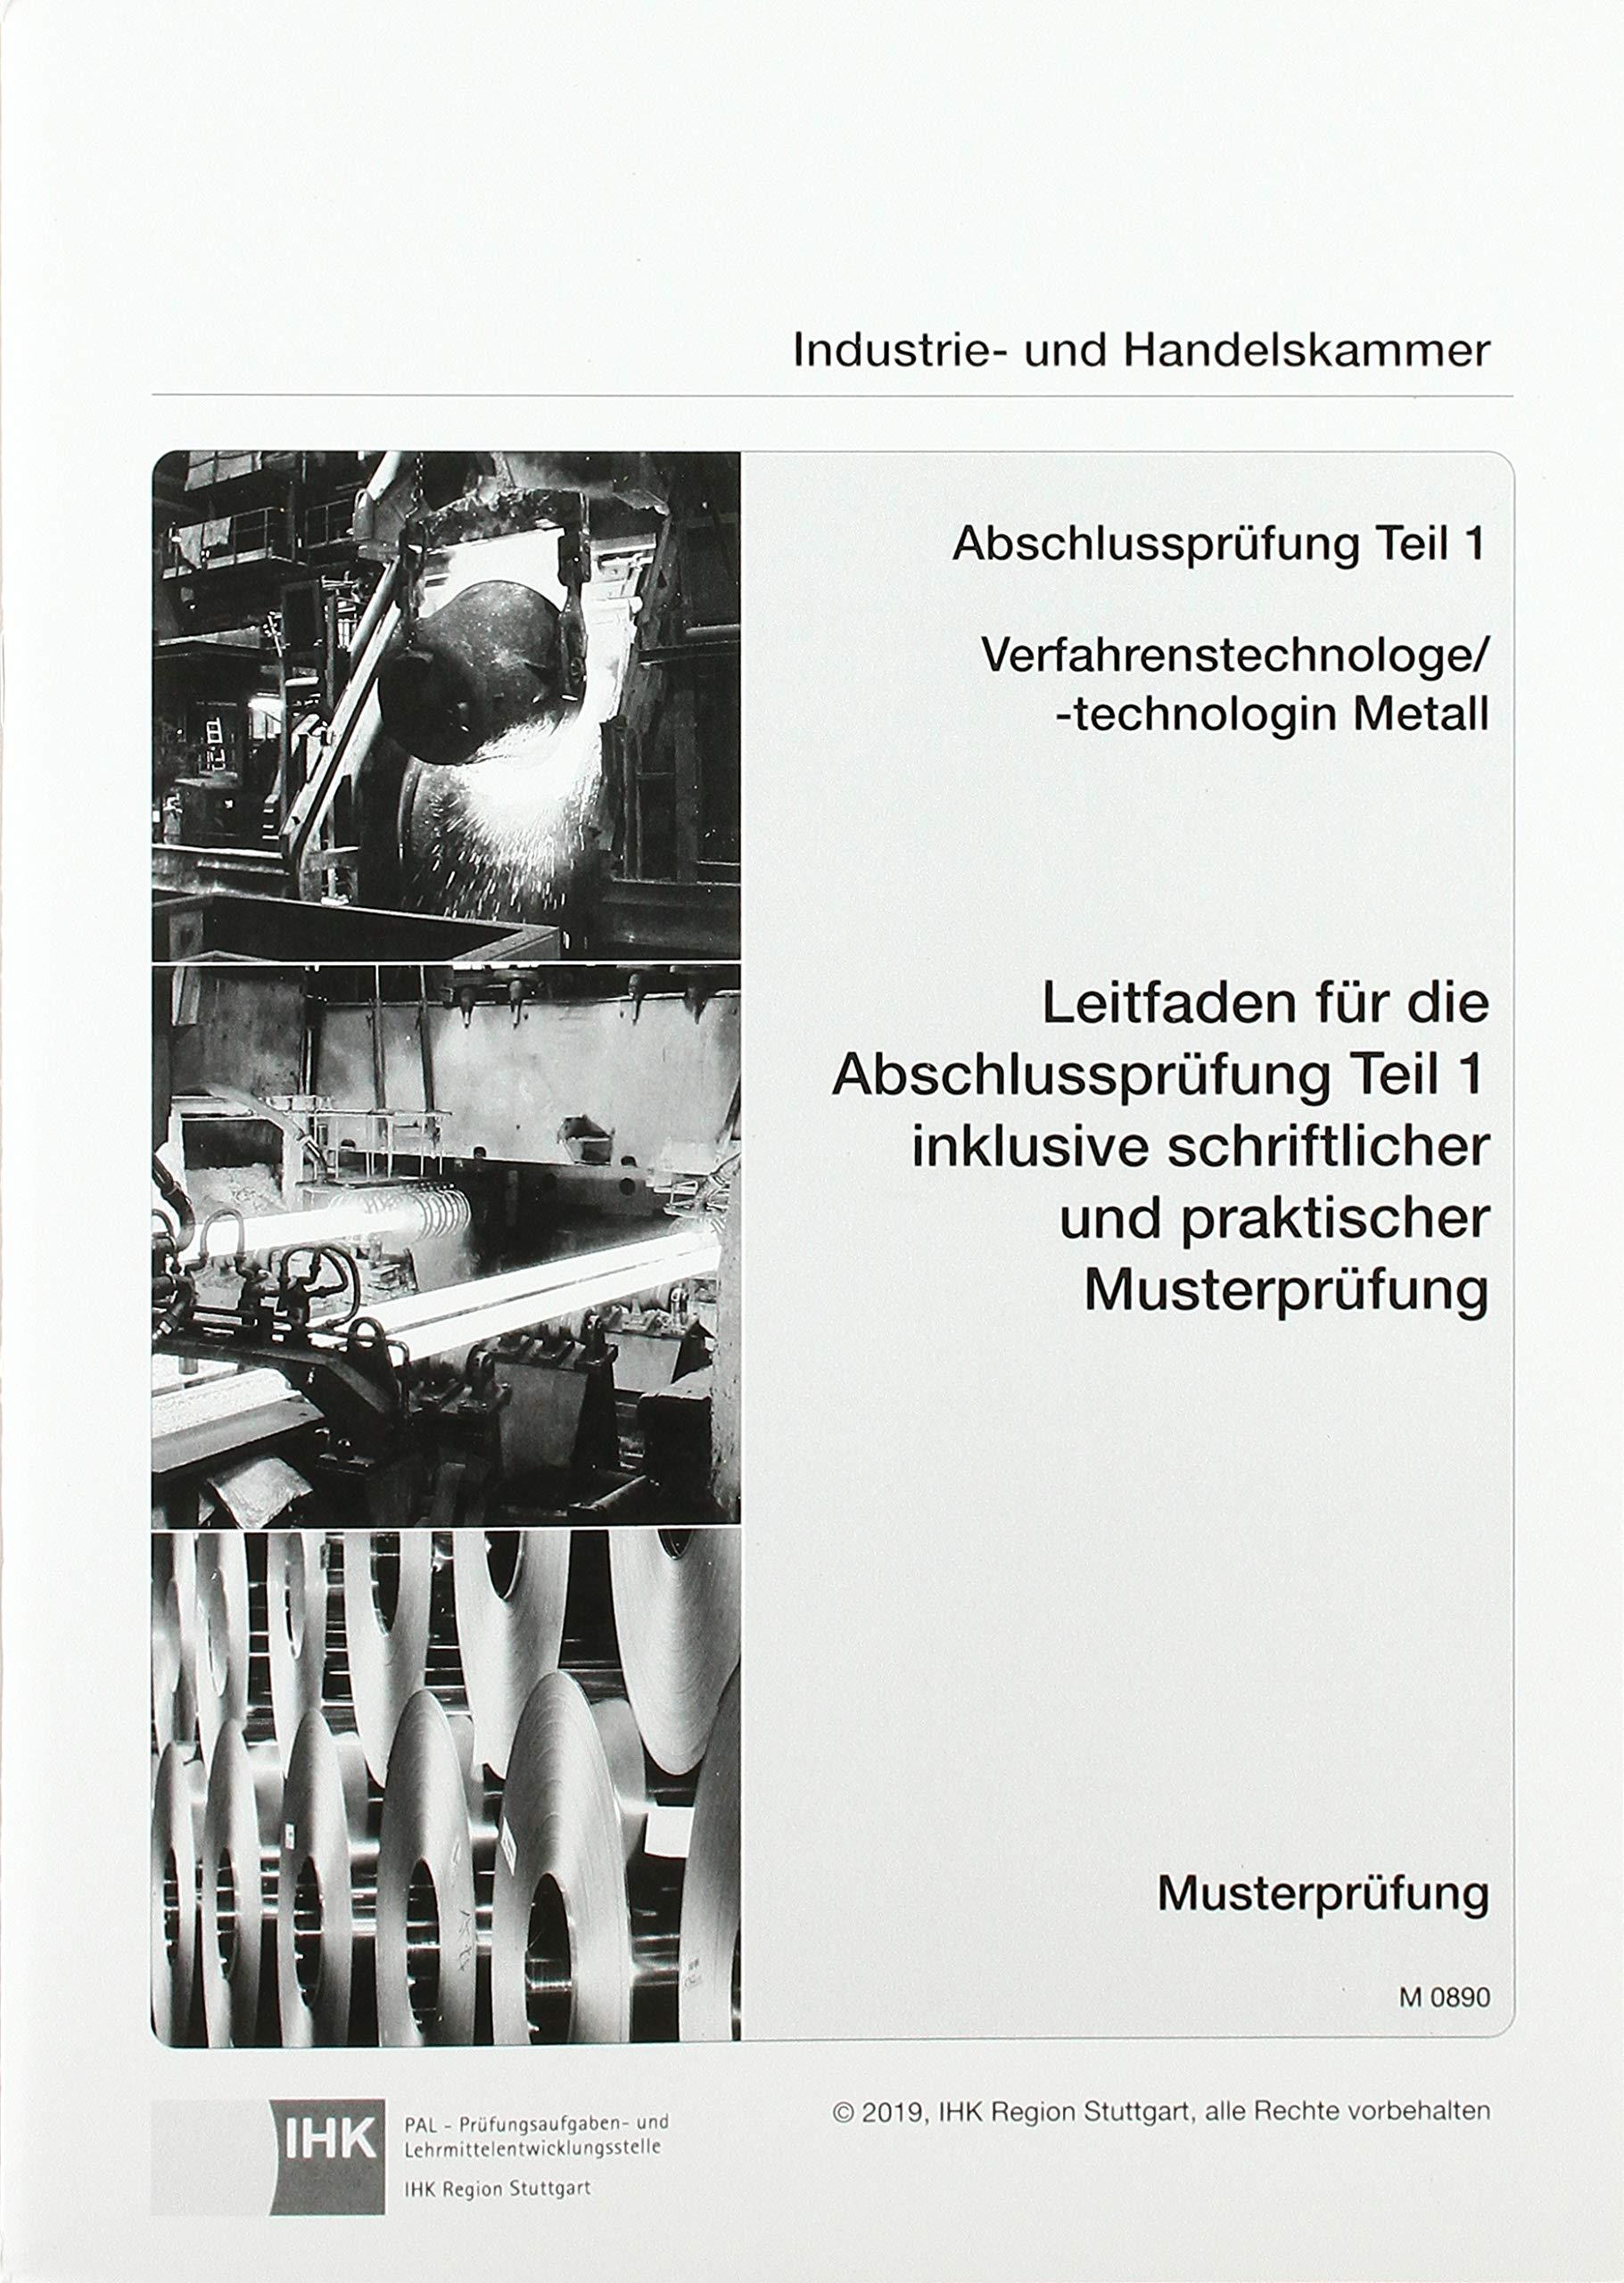 PAL Leitfaden Für Die Abschlussprüfung Teil 1 Inkl. Schriftlicher Und Praktischer Musterprüfung  Verfahrenstechnologe Metall Verfahrenstechnologin Metall  0890